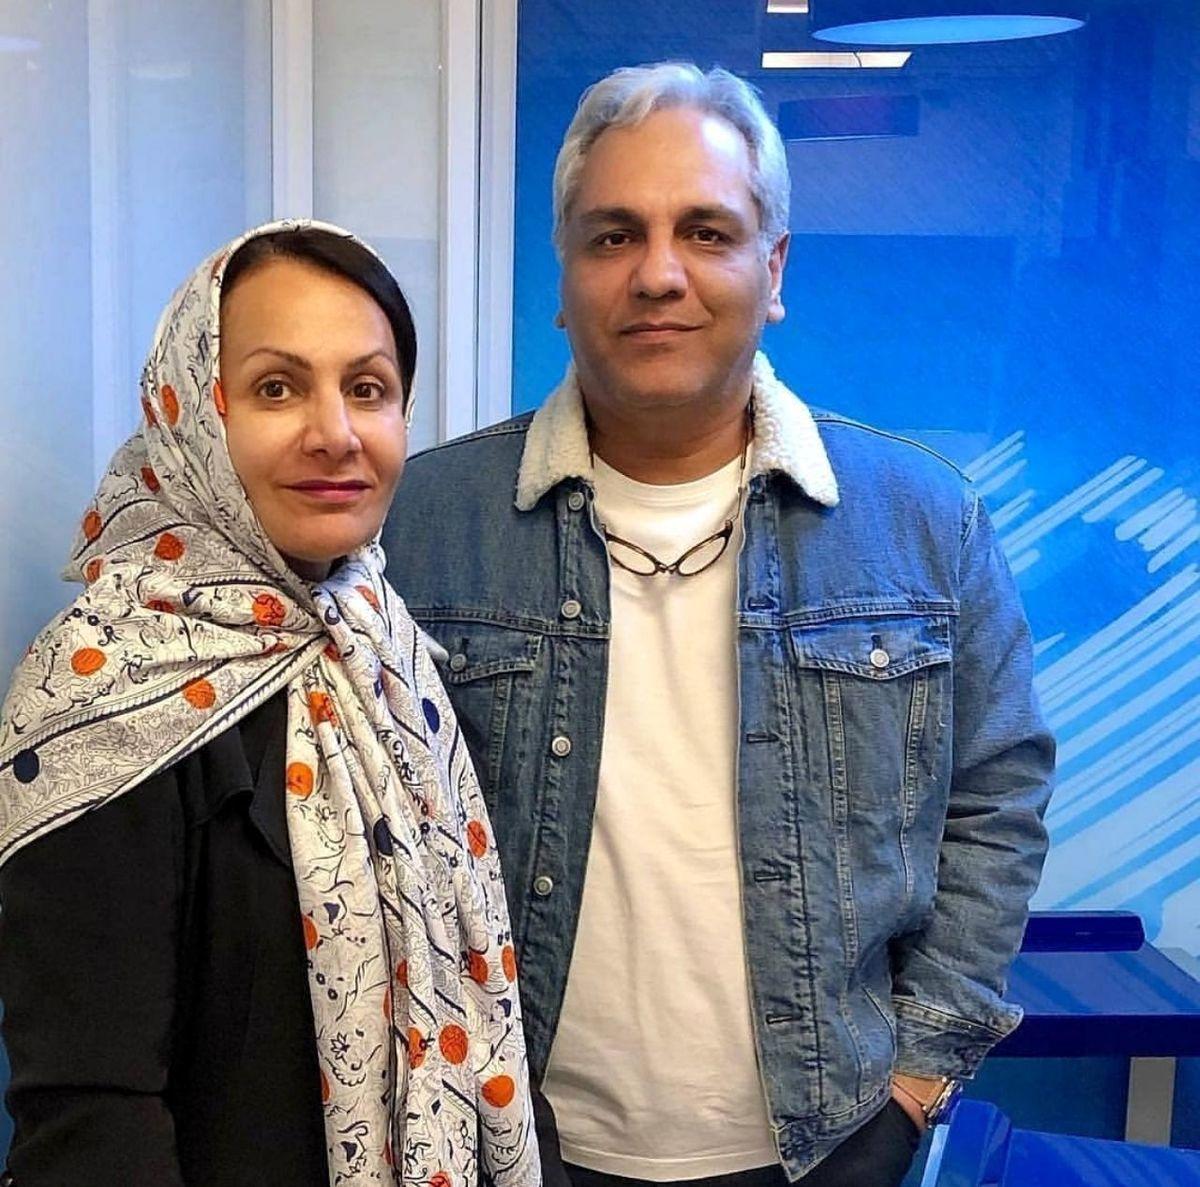 مهران مدیری از همسرش رونمایی کرد + تصاویر و بیوگرافی